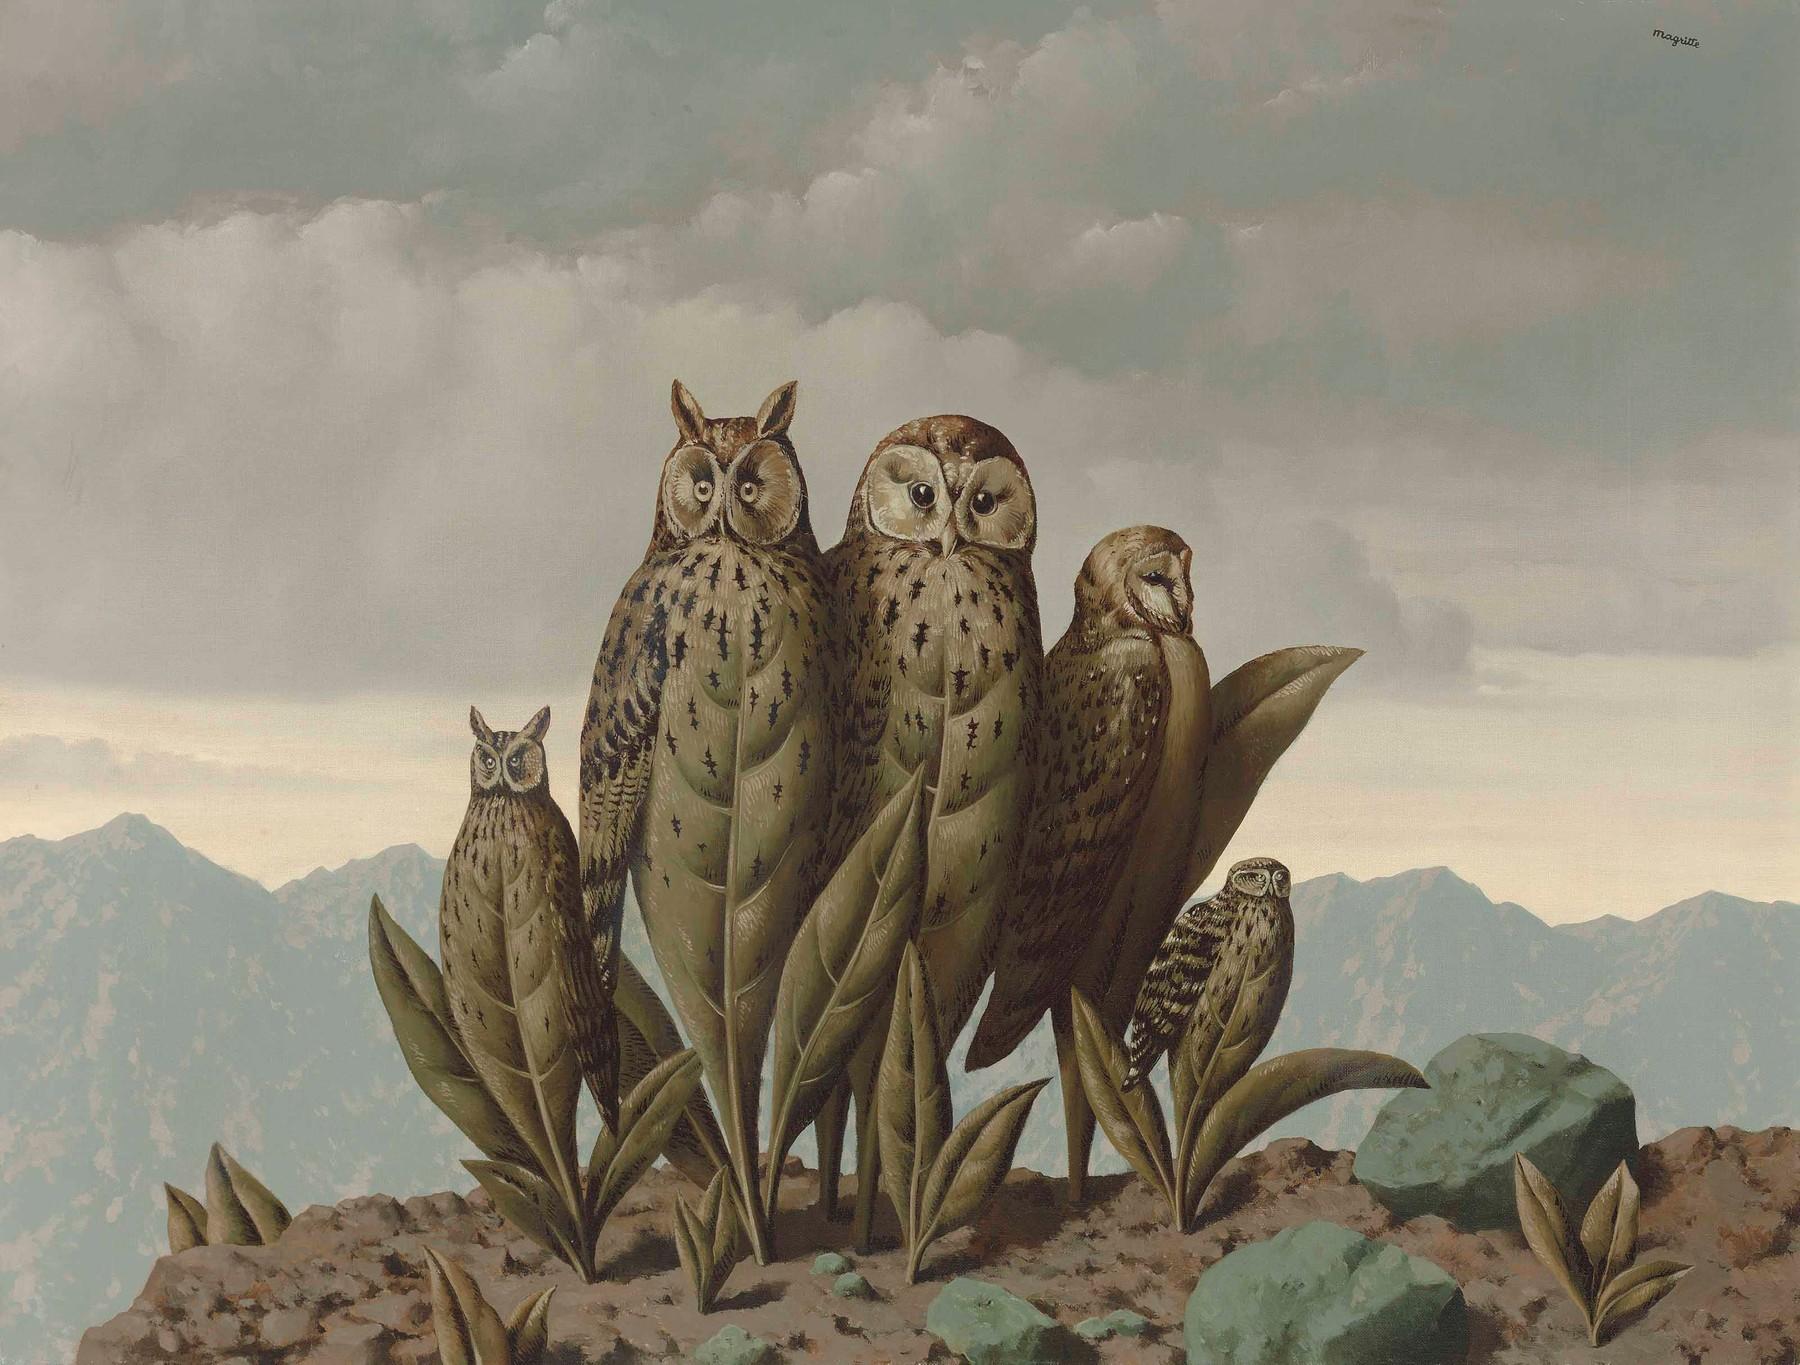 René Magritte, Les compagnons de la peur, 1942